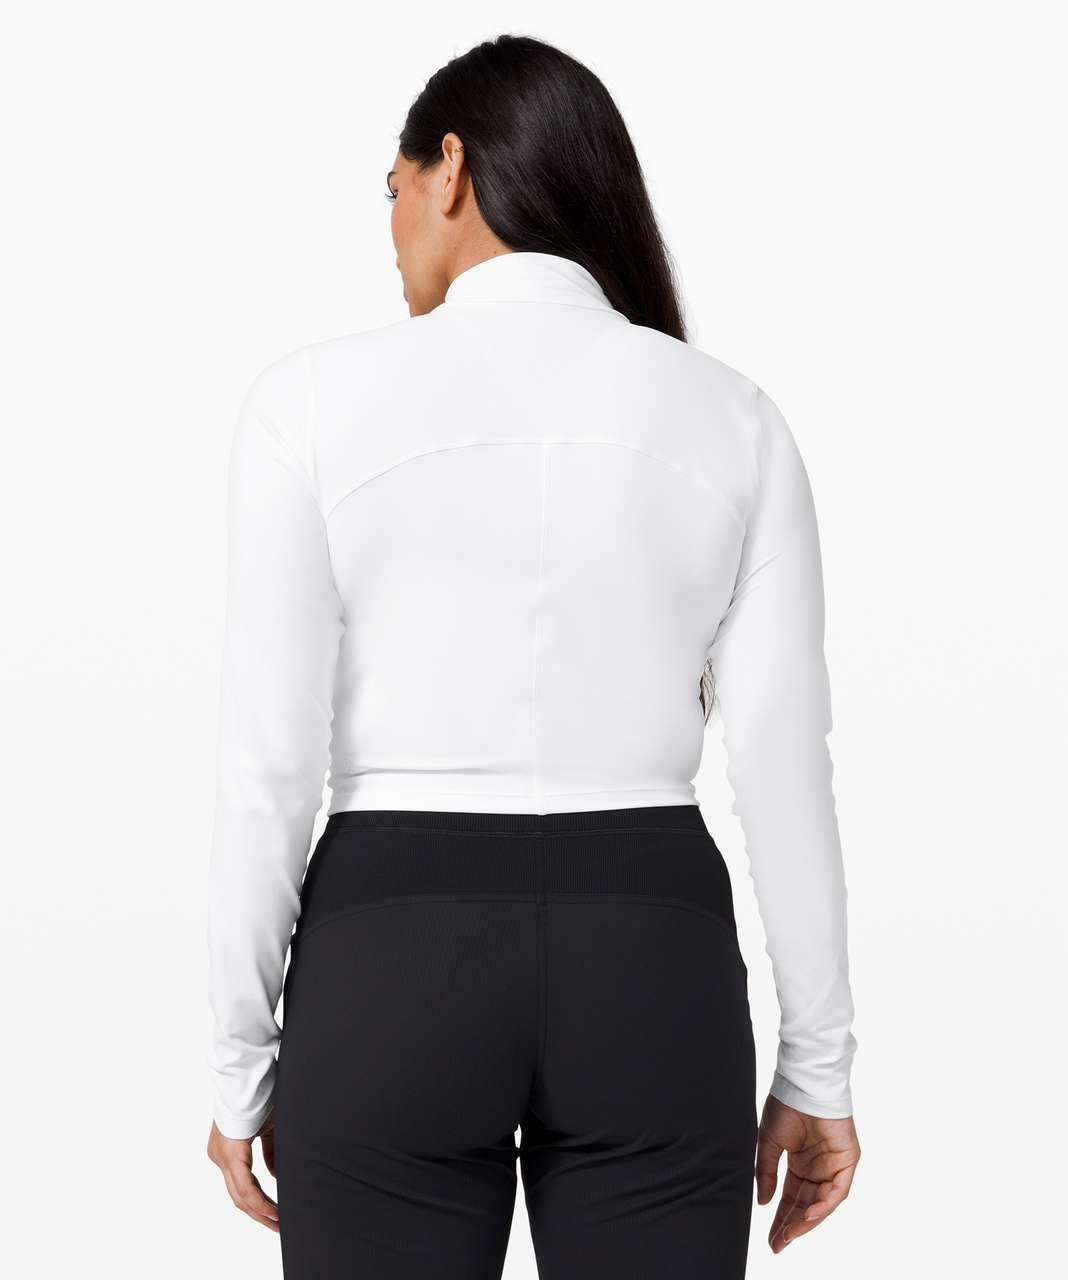 Lululemon All Aligned Mock Neck Long Sleeve - White